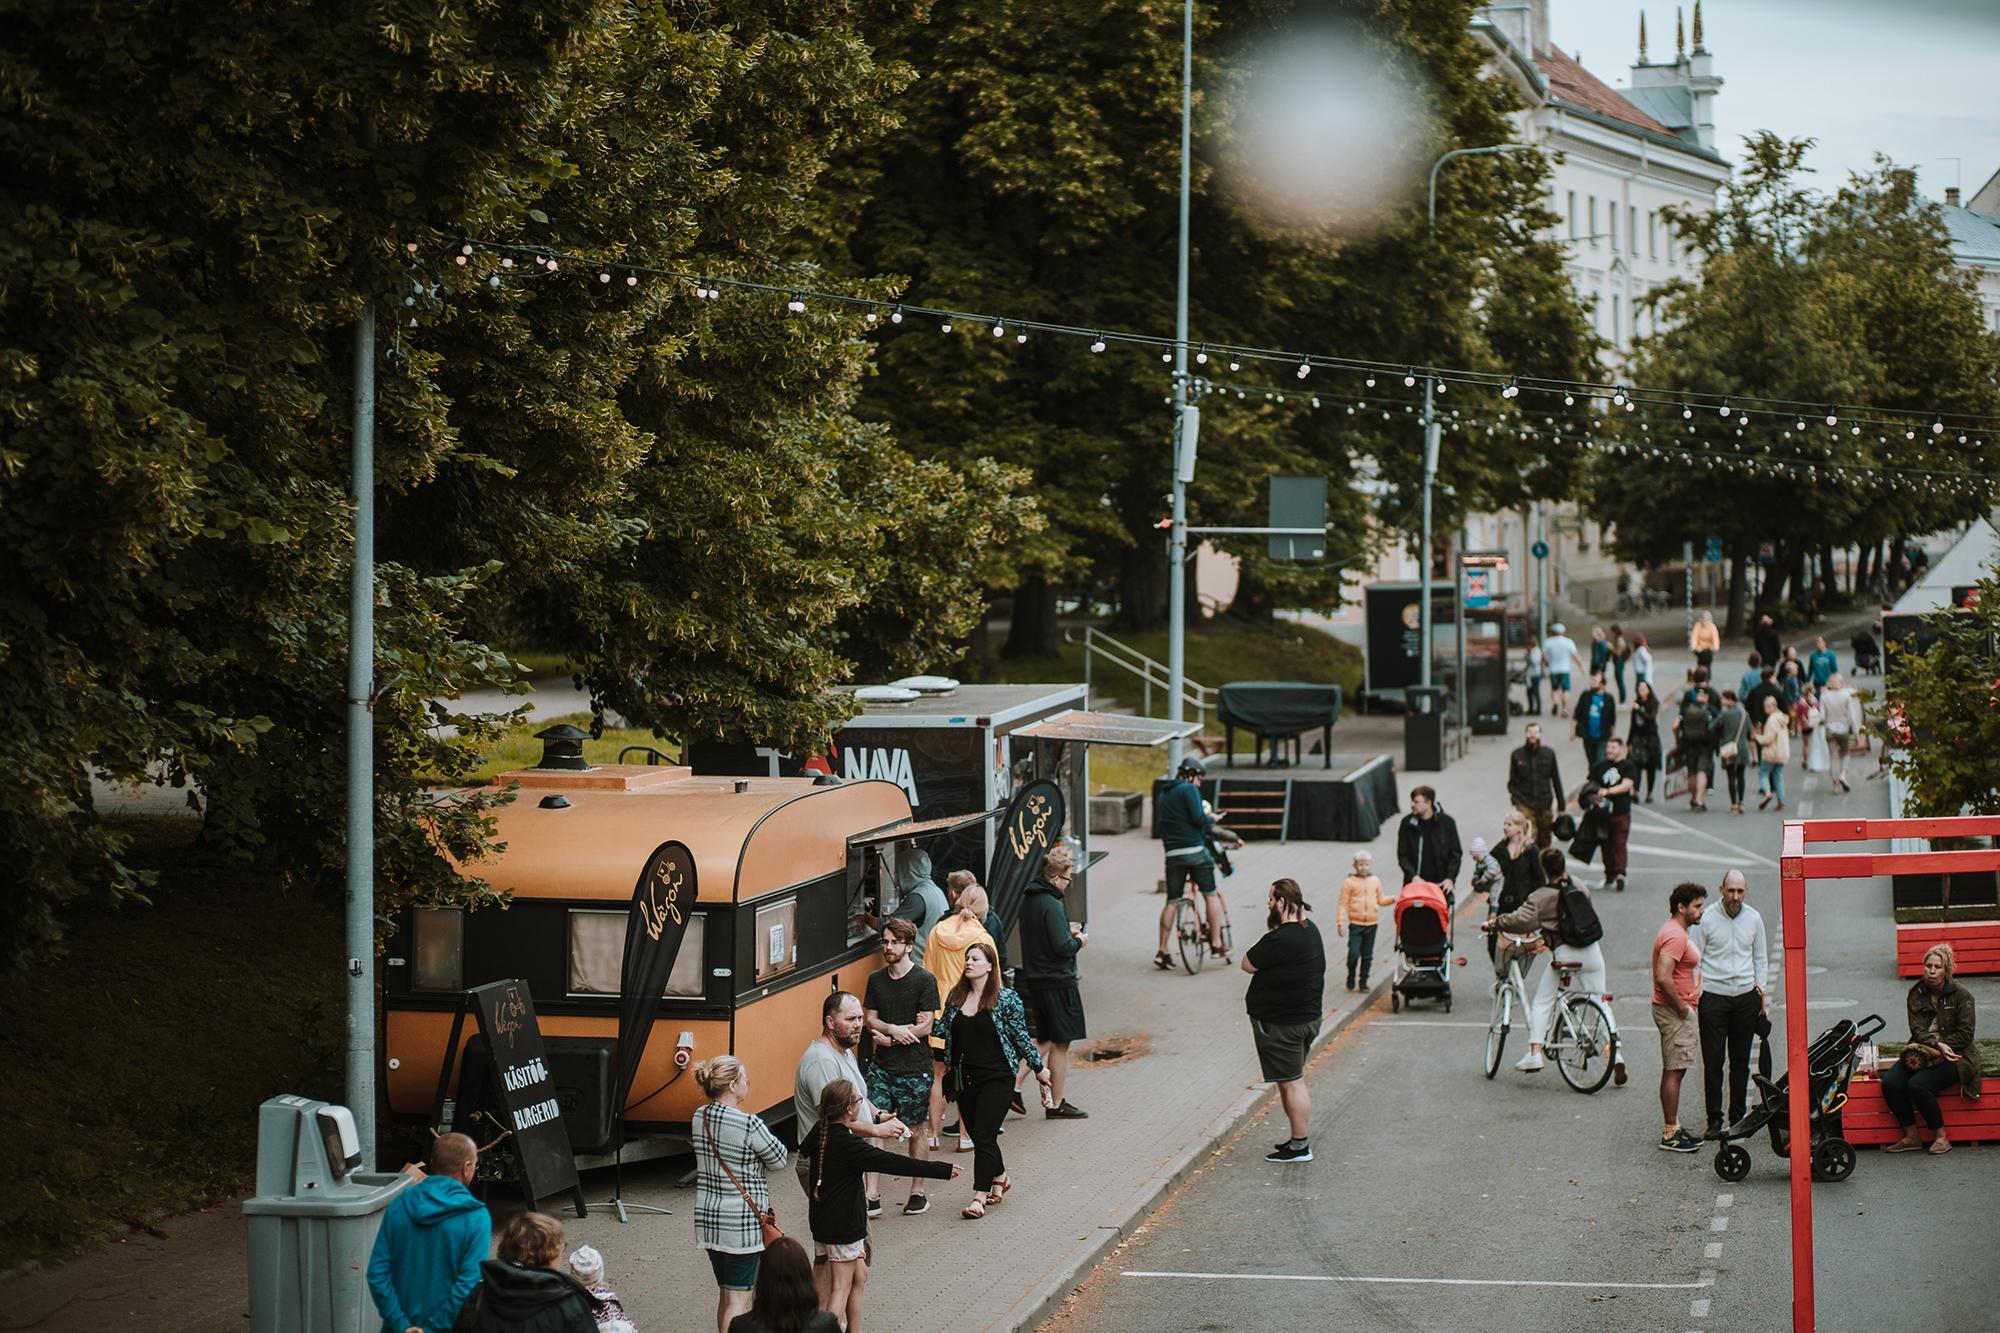 Fotod: Mana Kaasik